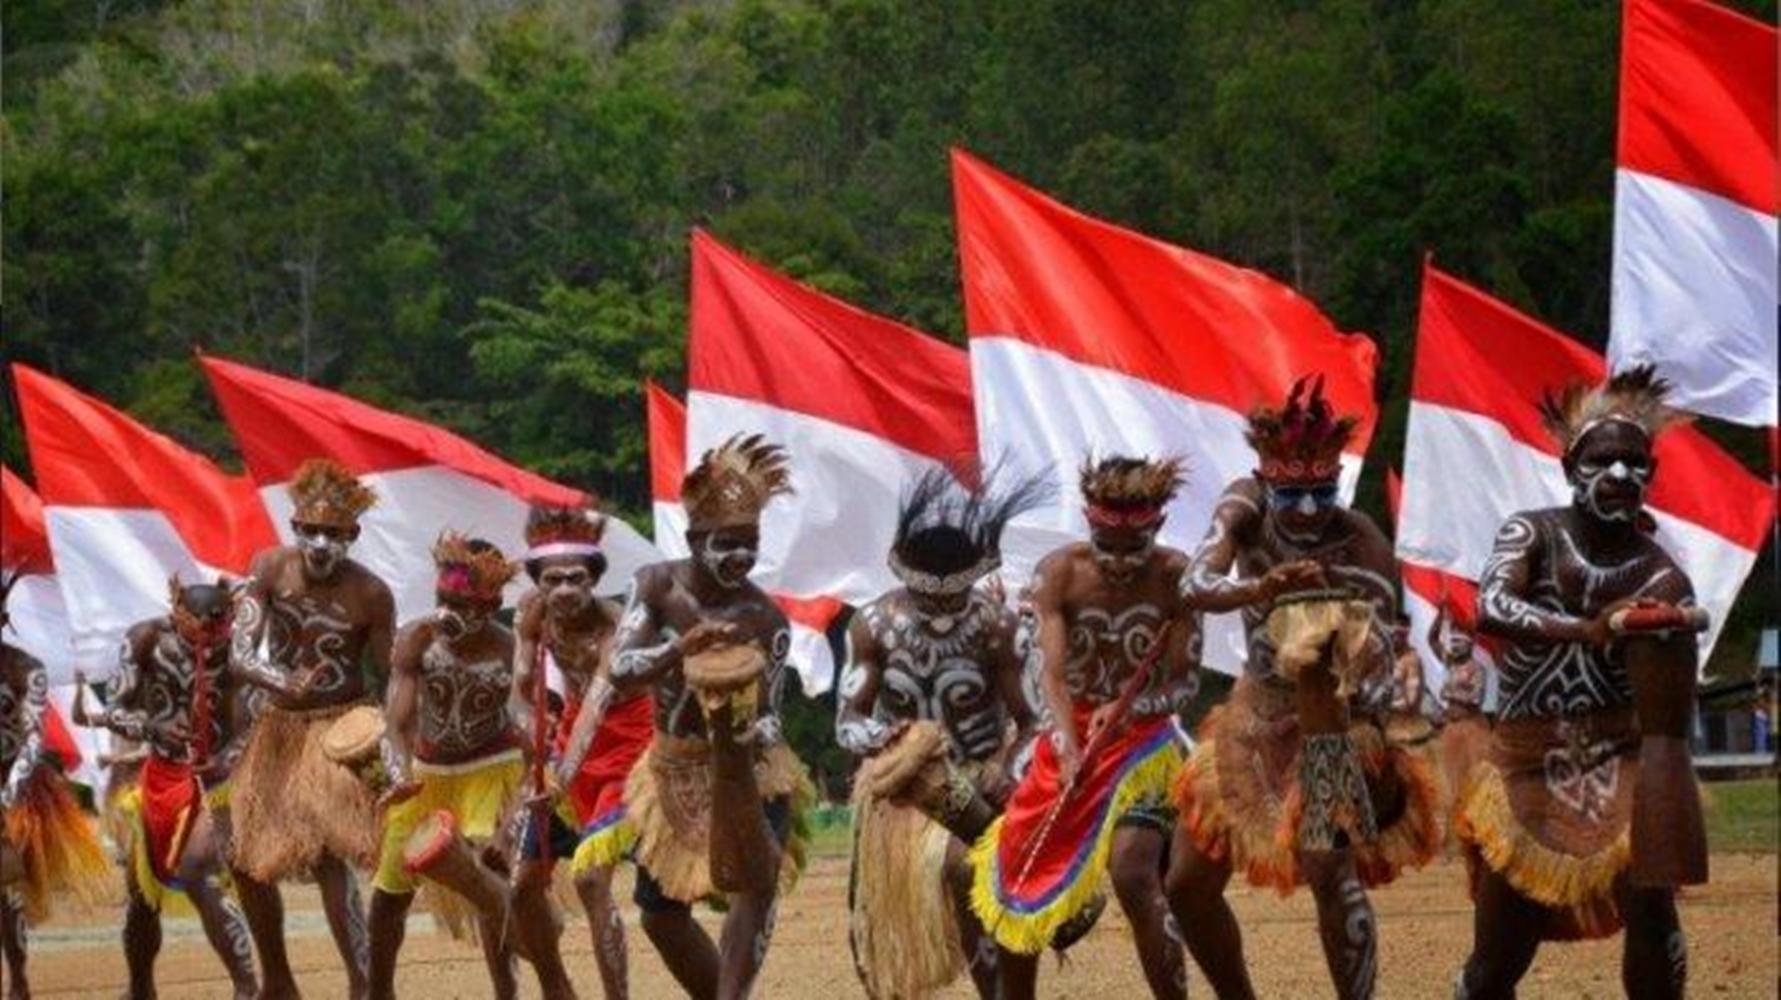 Kita Adalah Satu Jangan Mau Diadu Domba, Rakyat Papua Bukan Musuh Warga Indonesia 3